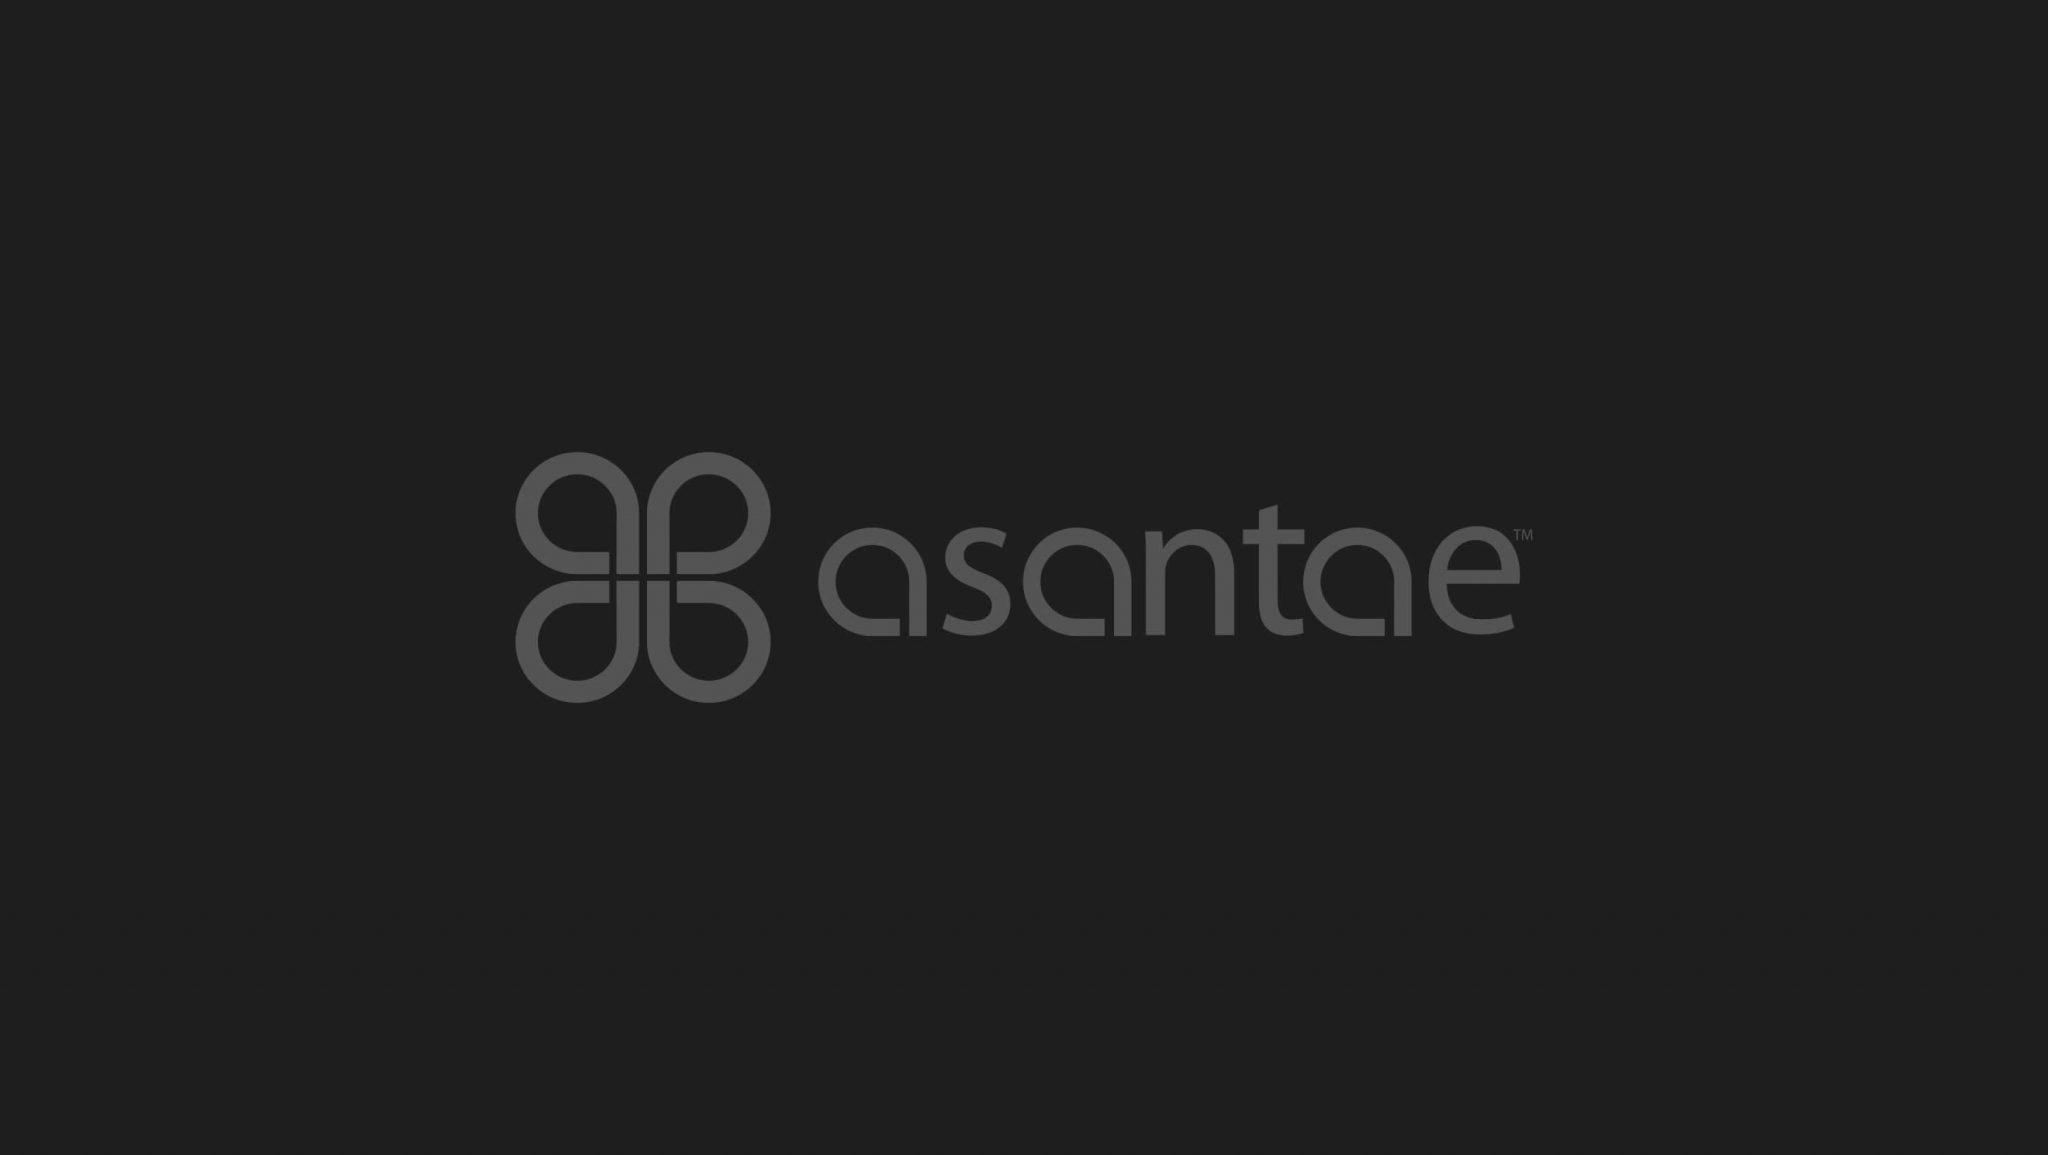 Asantae_Logo